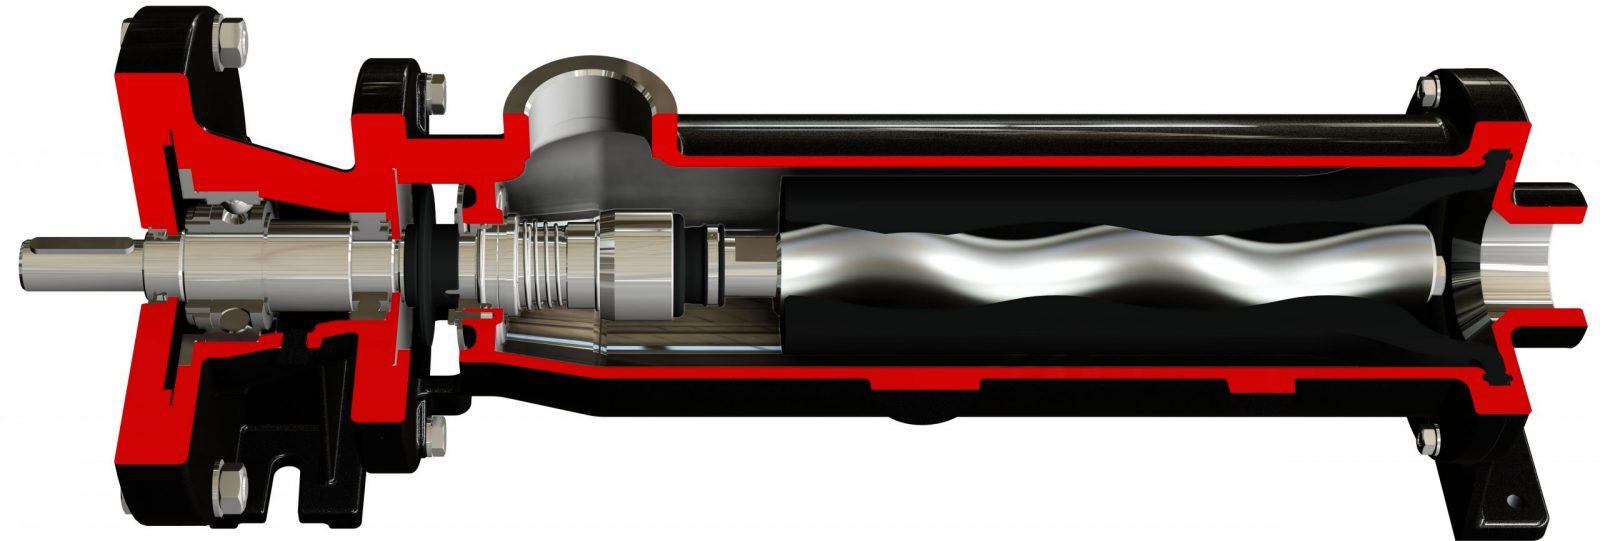 RJL Wobble Pump